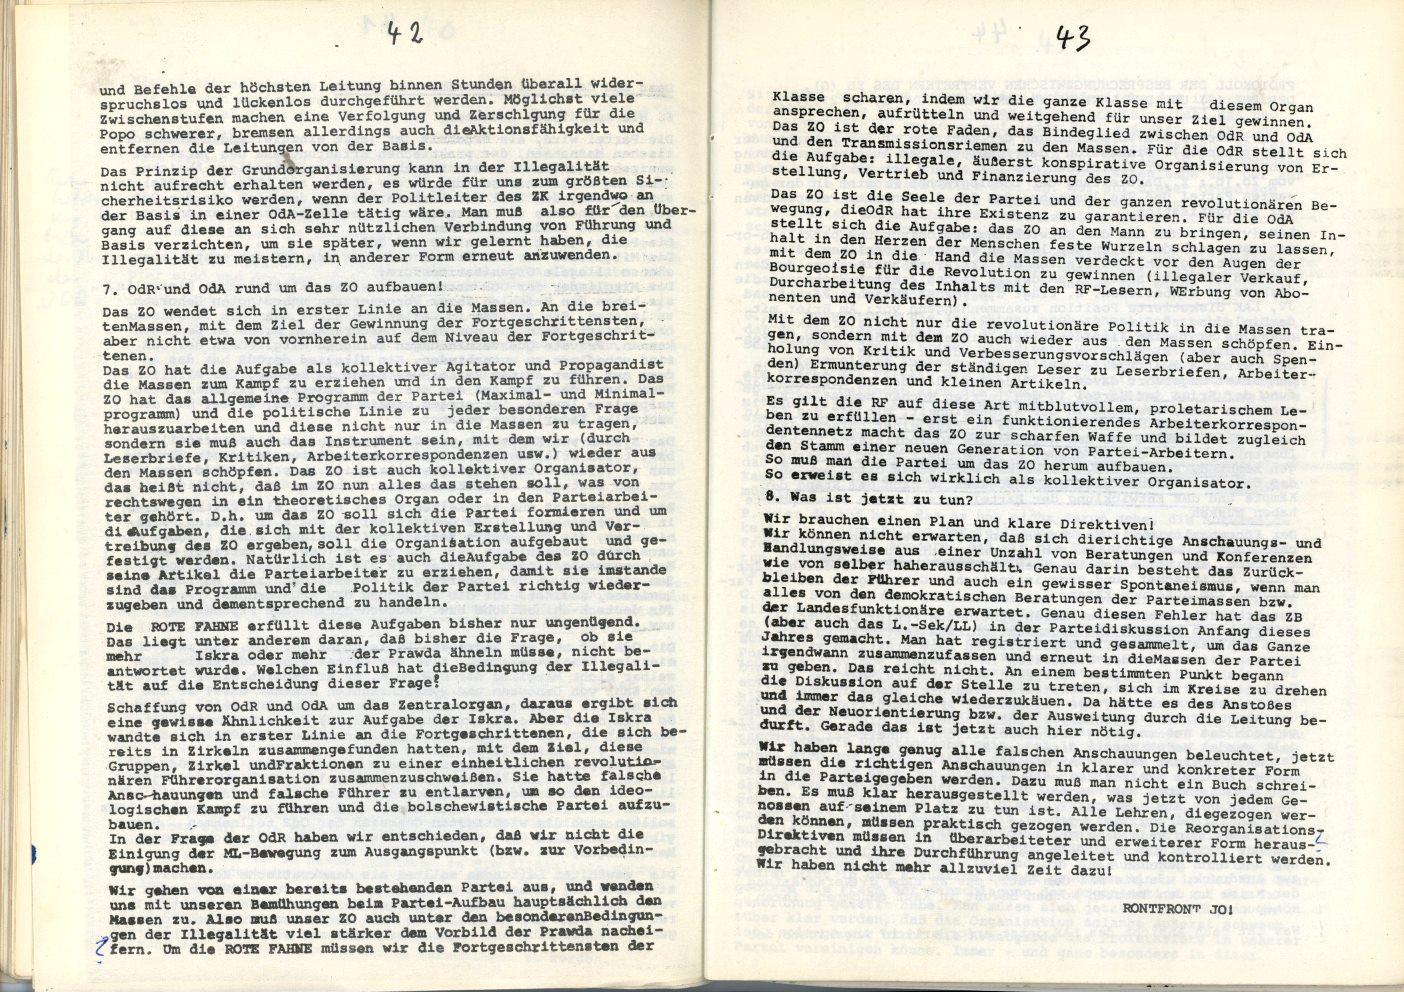 ZB_1972_Diskussionsorgan_zur_ersten_Parteikonferenz_24